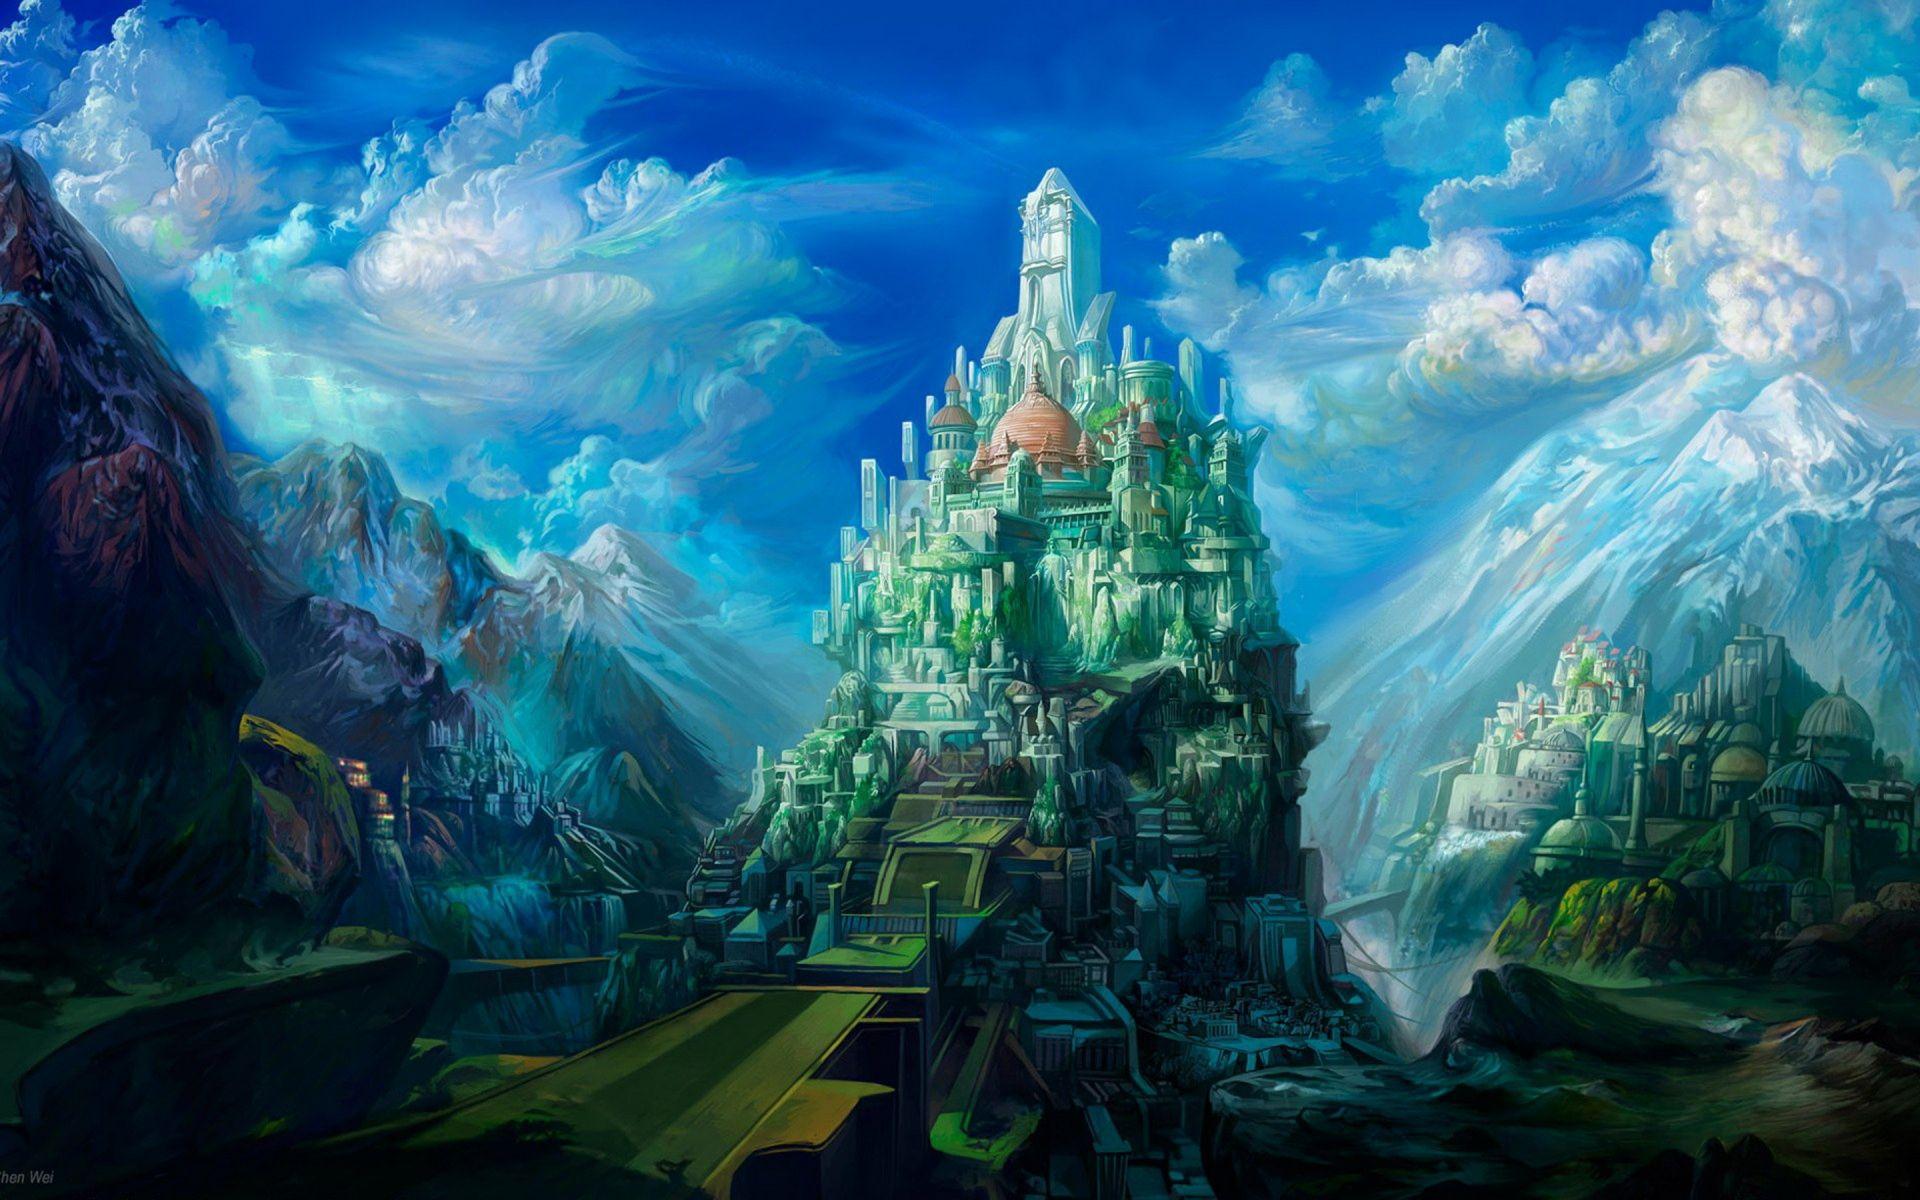 Artistic Castle City Cloud Mountain Town 1920x1200